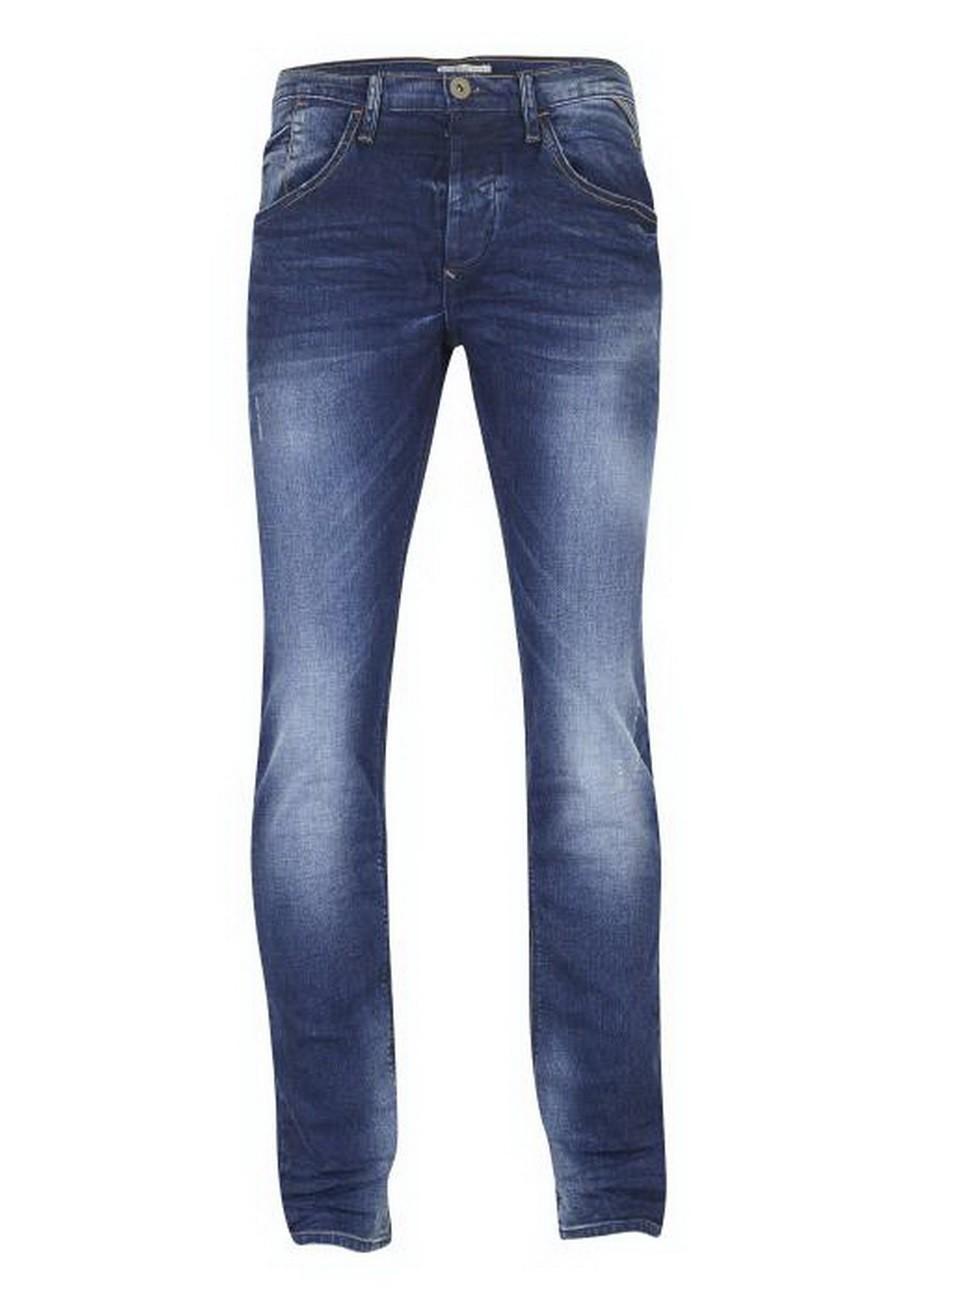 blend herren jeans twister slim fit blau mid blue ebay. Black Bedroom Furniture Sets. Home Design Ideas